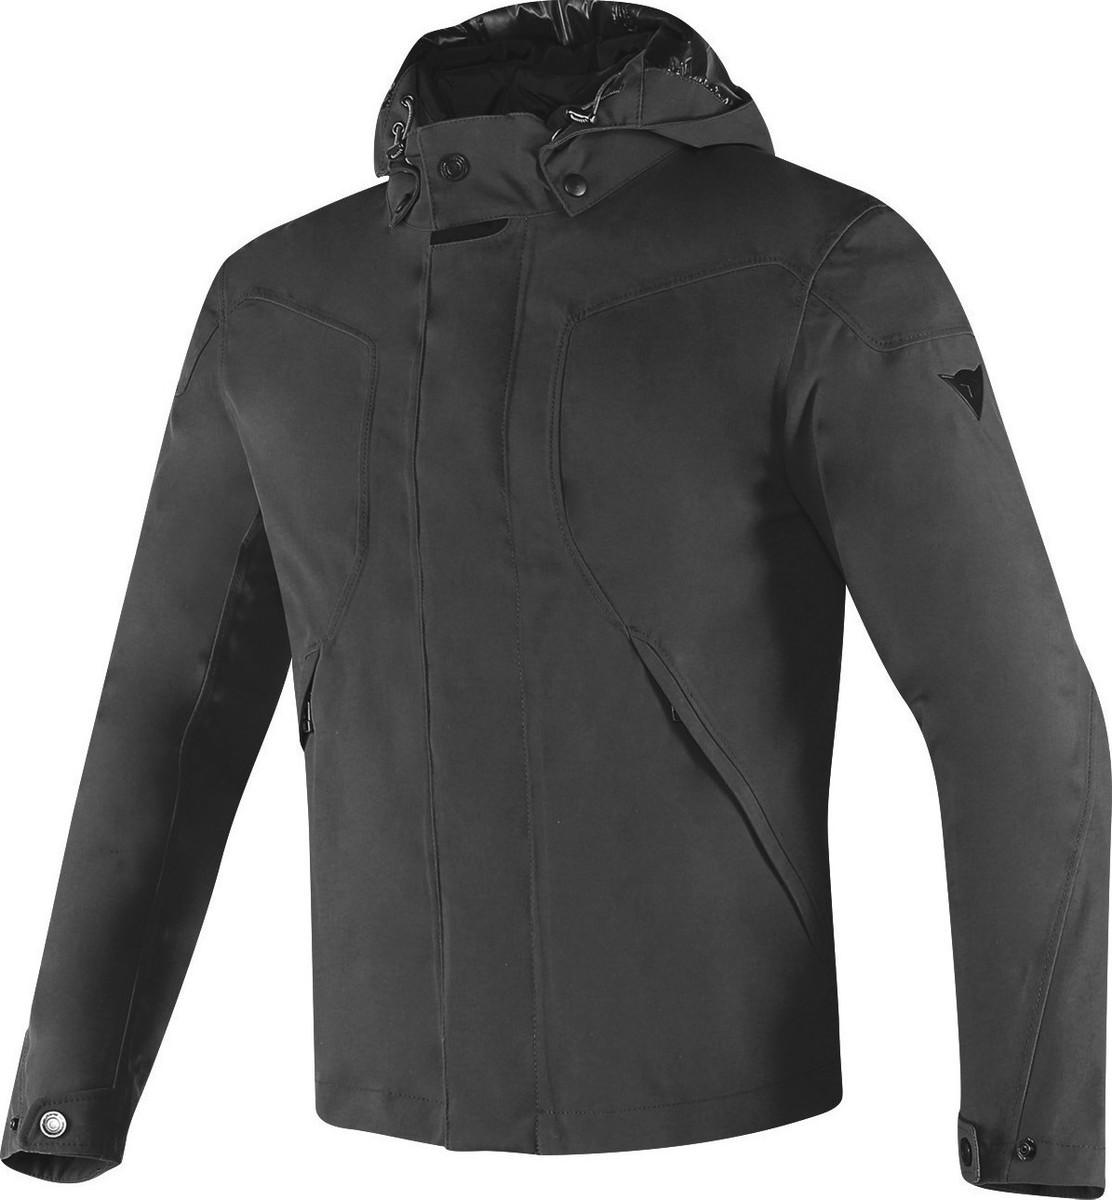 Dainese Montmartre D1 D-DRY Black 207225cb57a